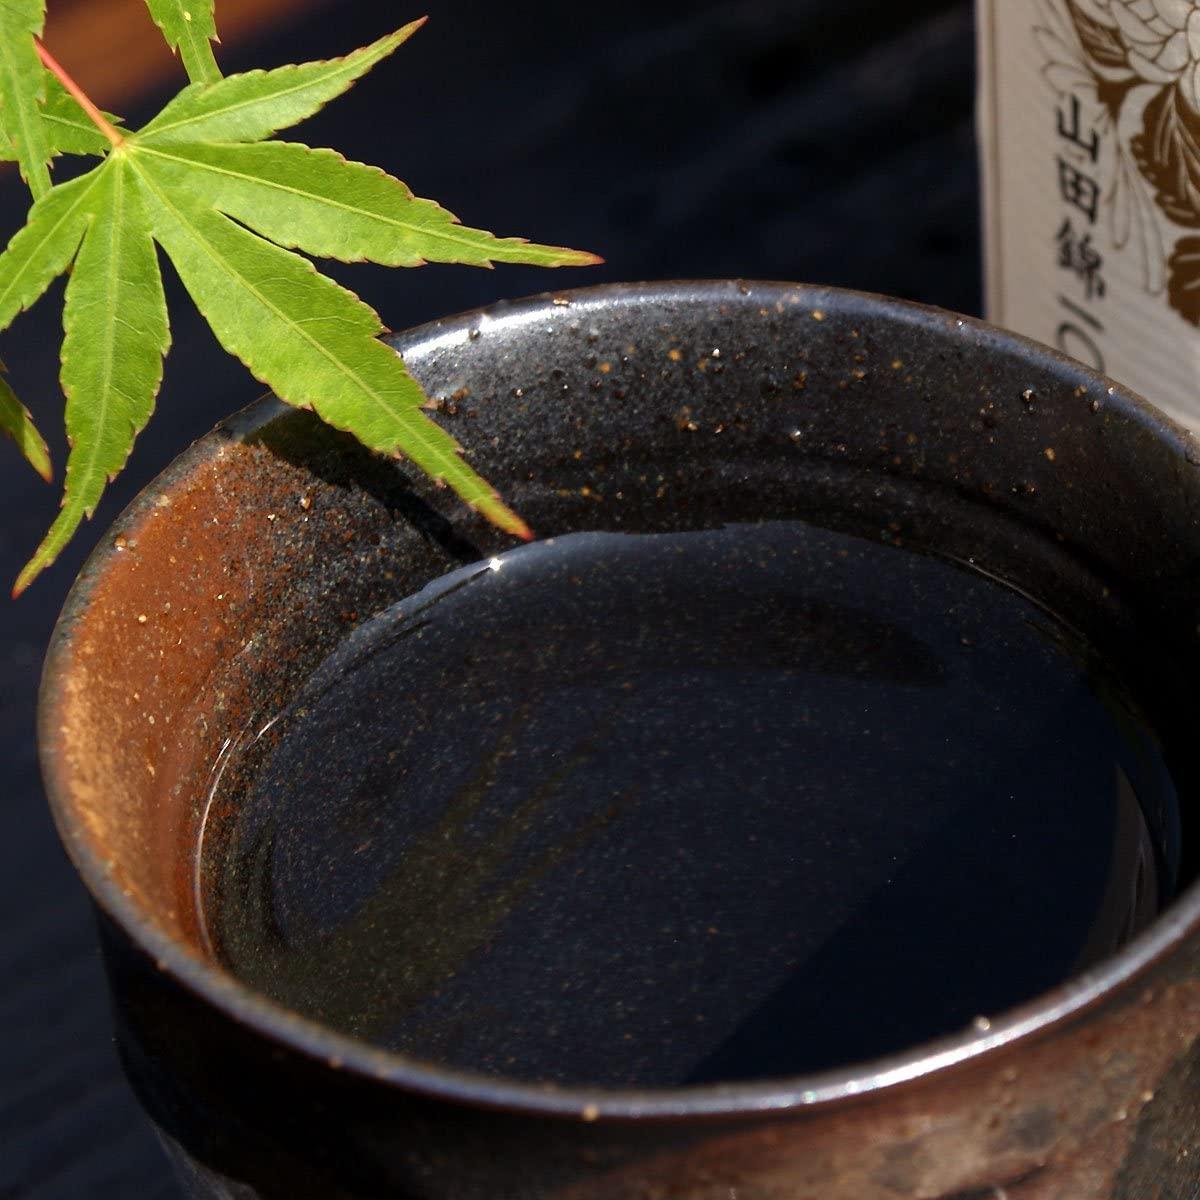 九谷焼 陶器の荒削り 焼酎グラス 銀彩(グリーン)の商品画像2